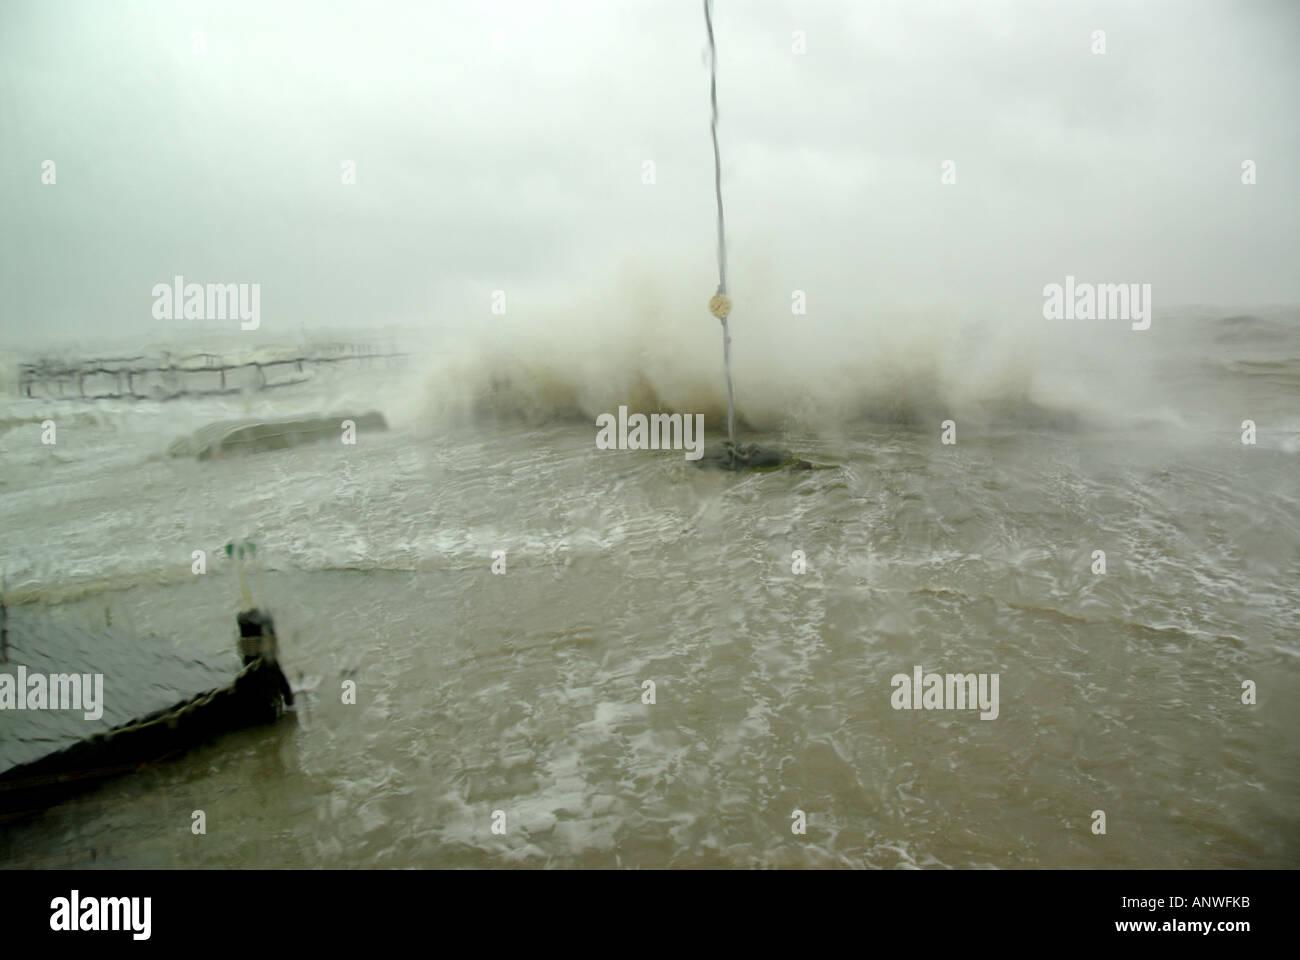 Natur Wetter Tropensturm Hochwasserwellen Hurrikan Stockbild